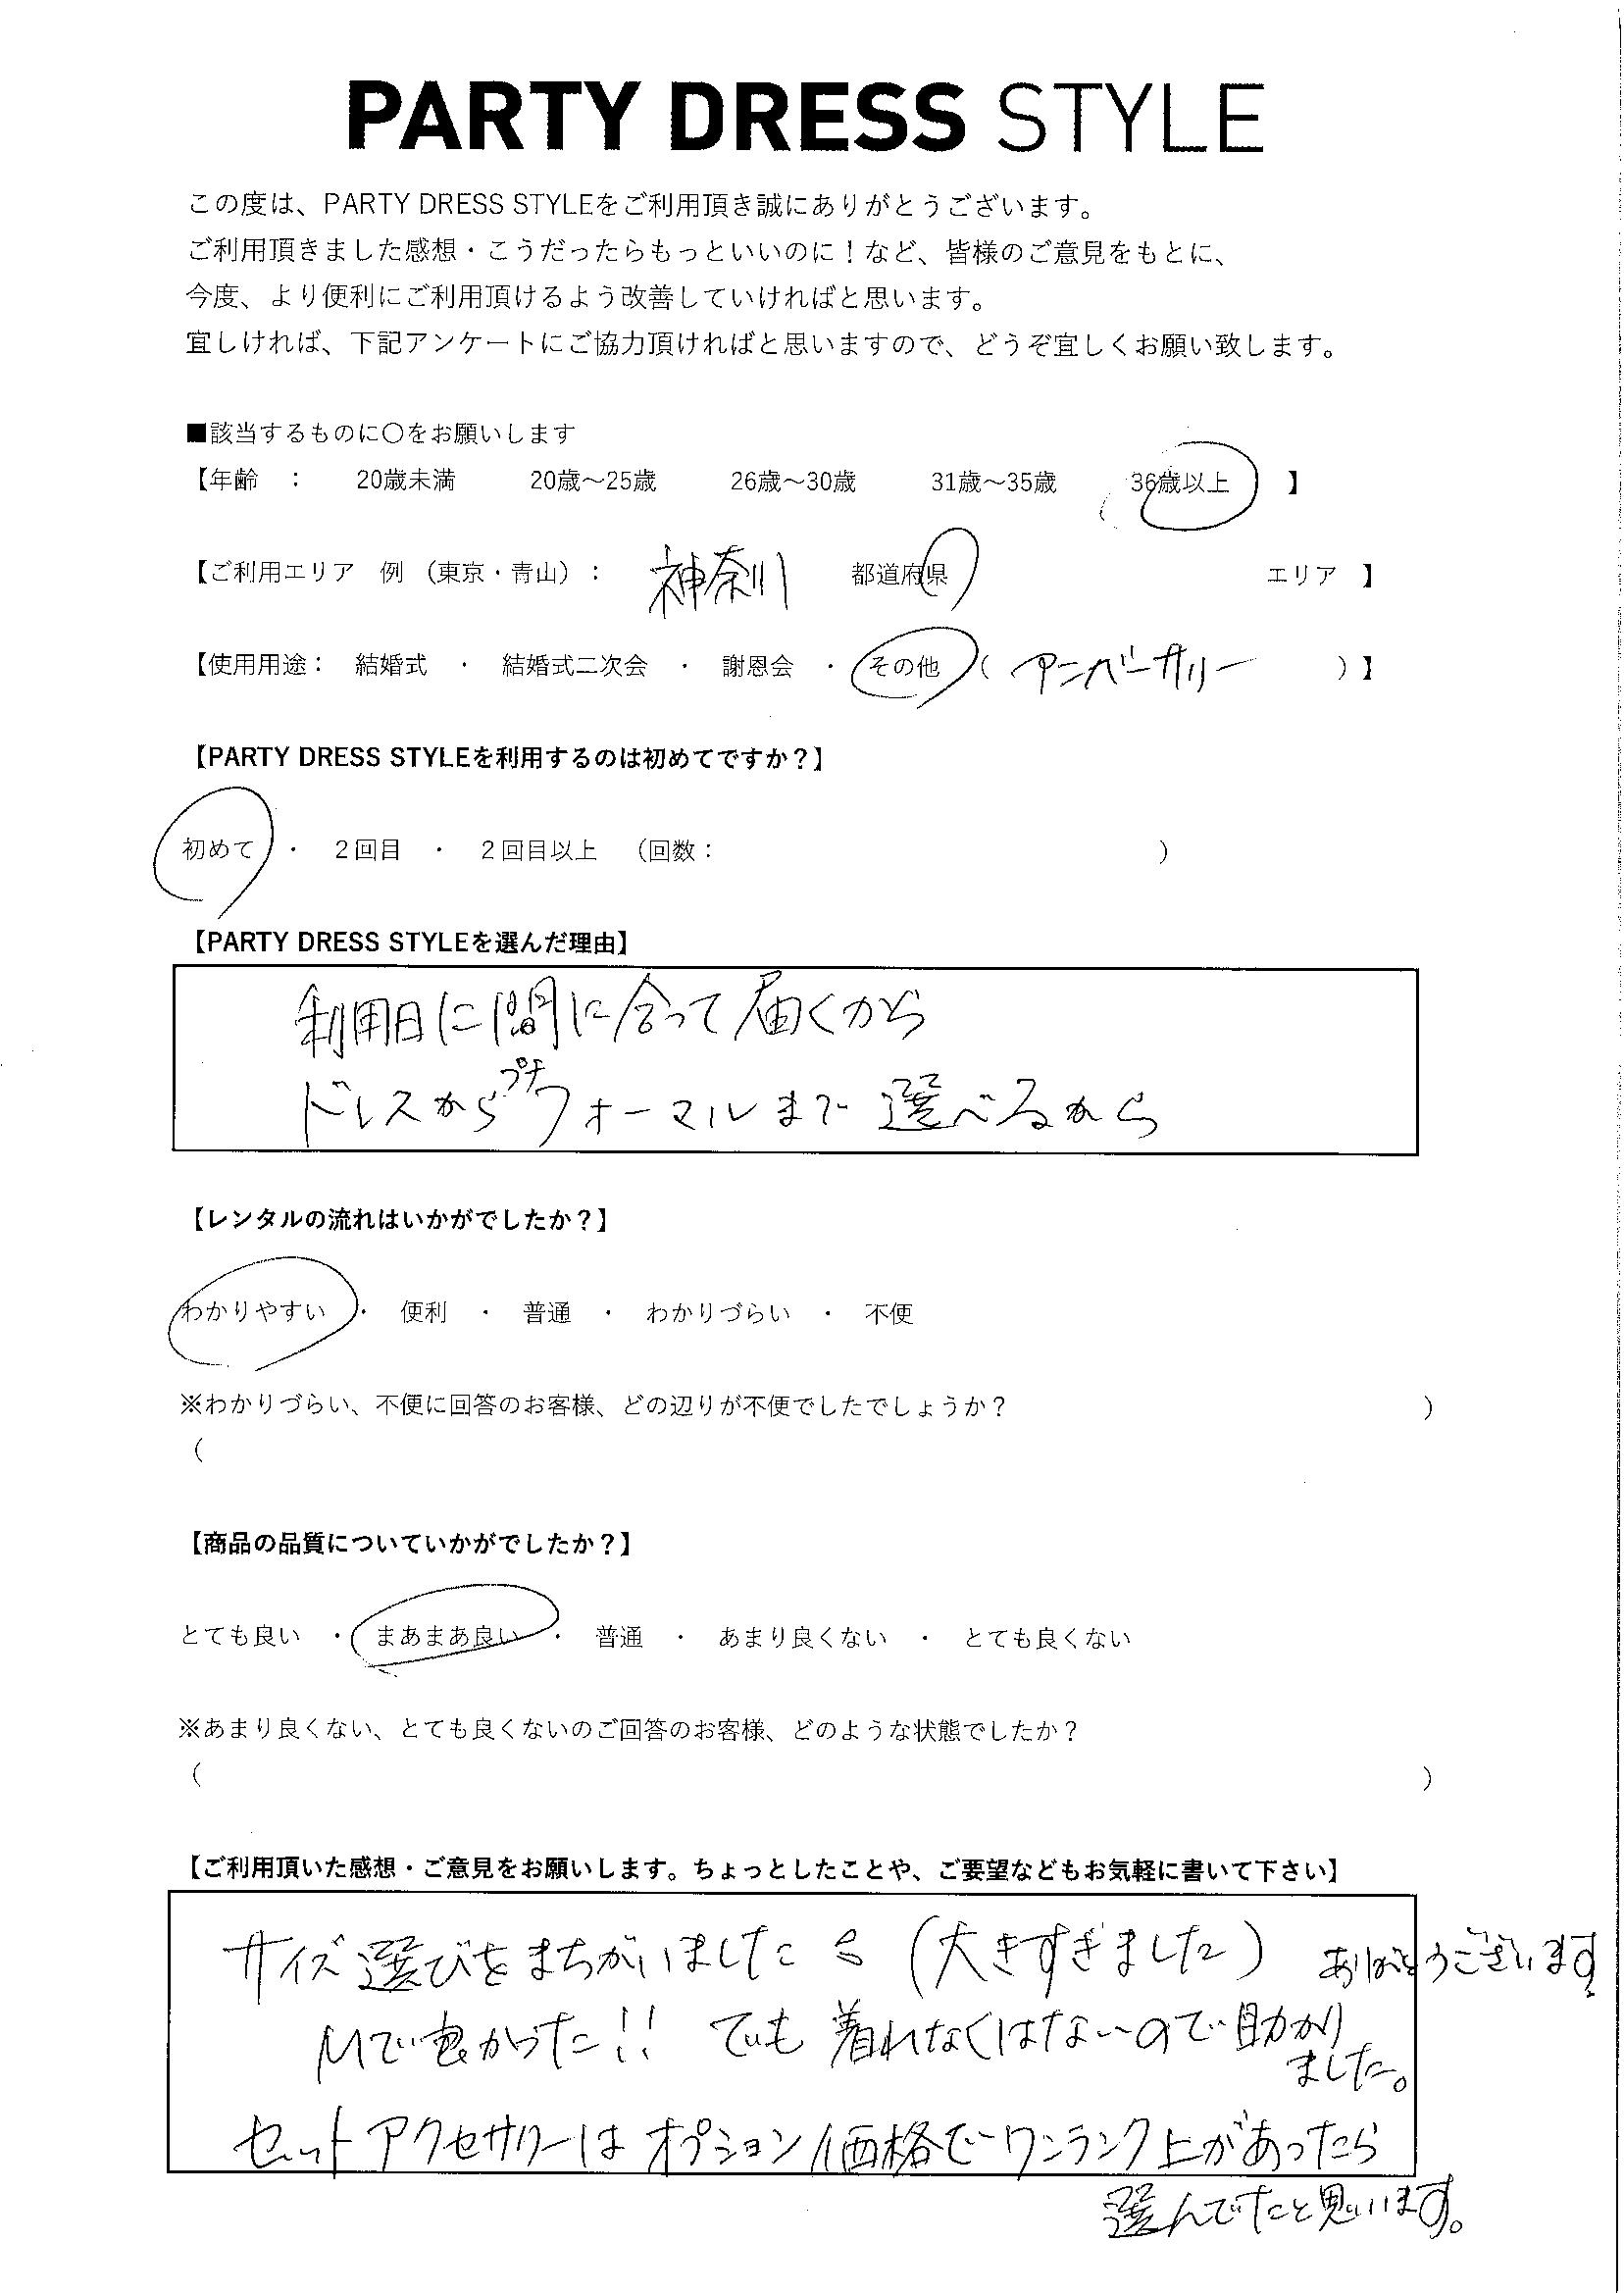 4/24アニバーサリーご利用 神奈川エリア